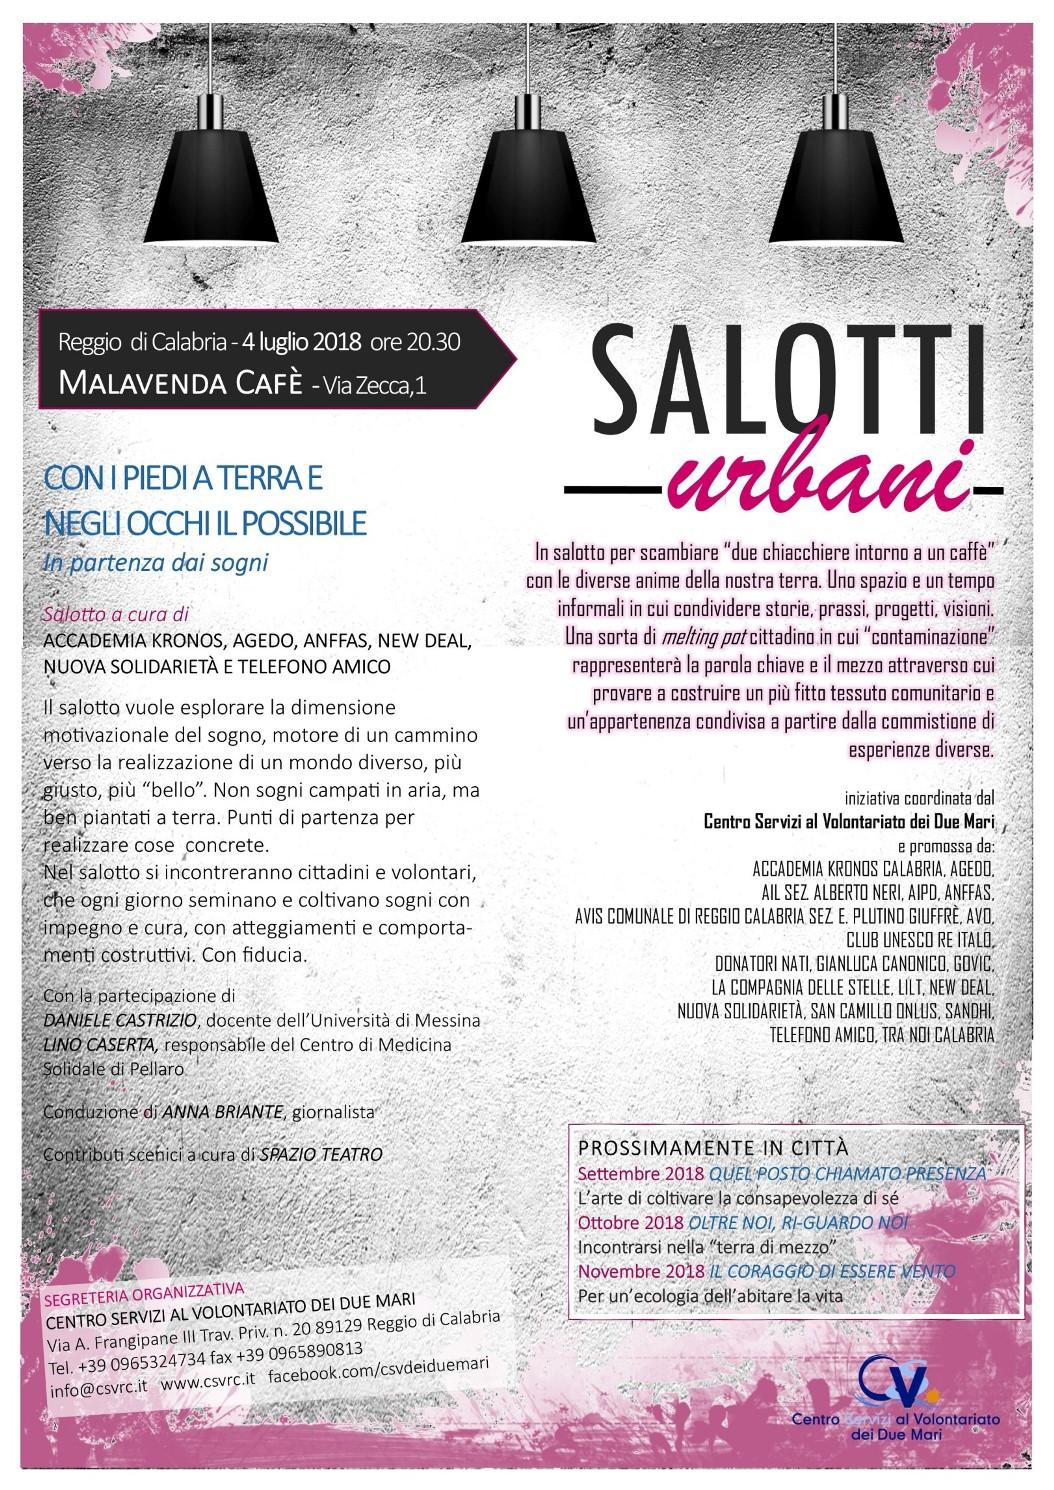 Locandina_Salotti_Urbani_Piccola